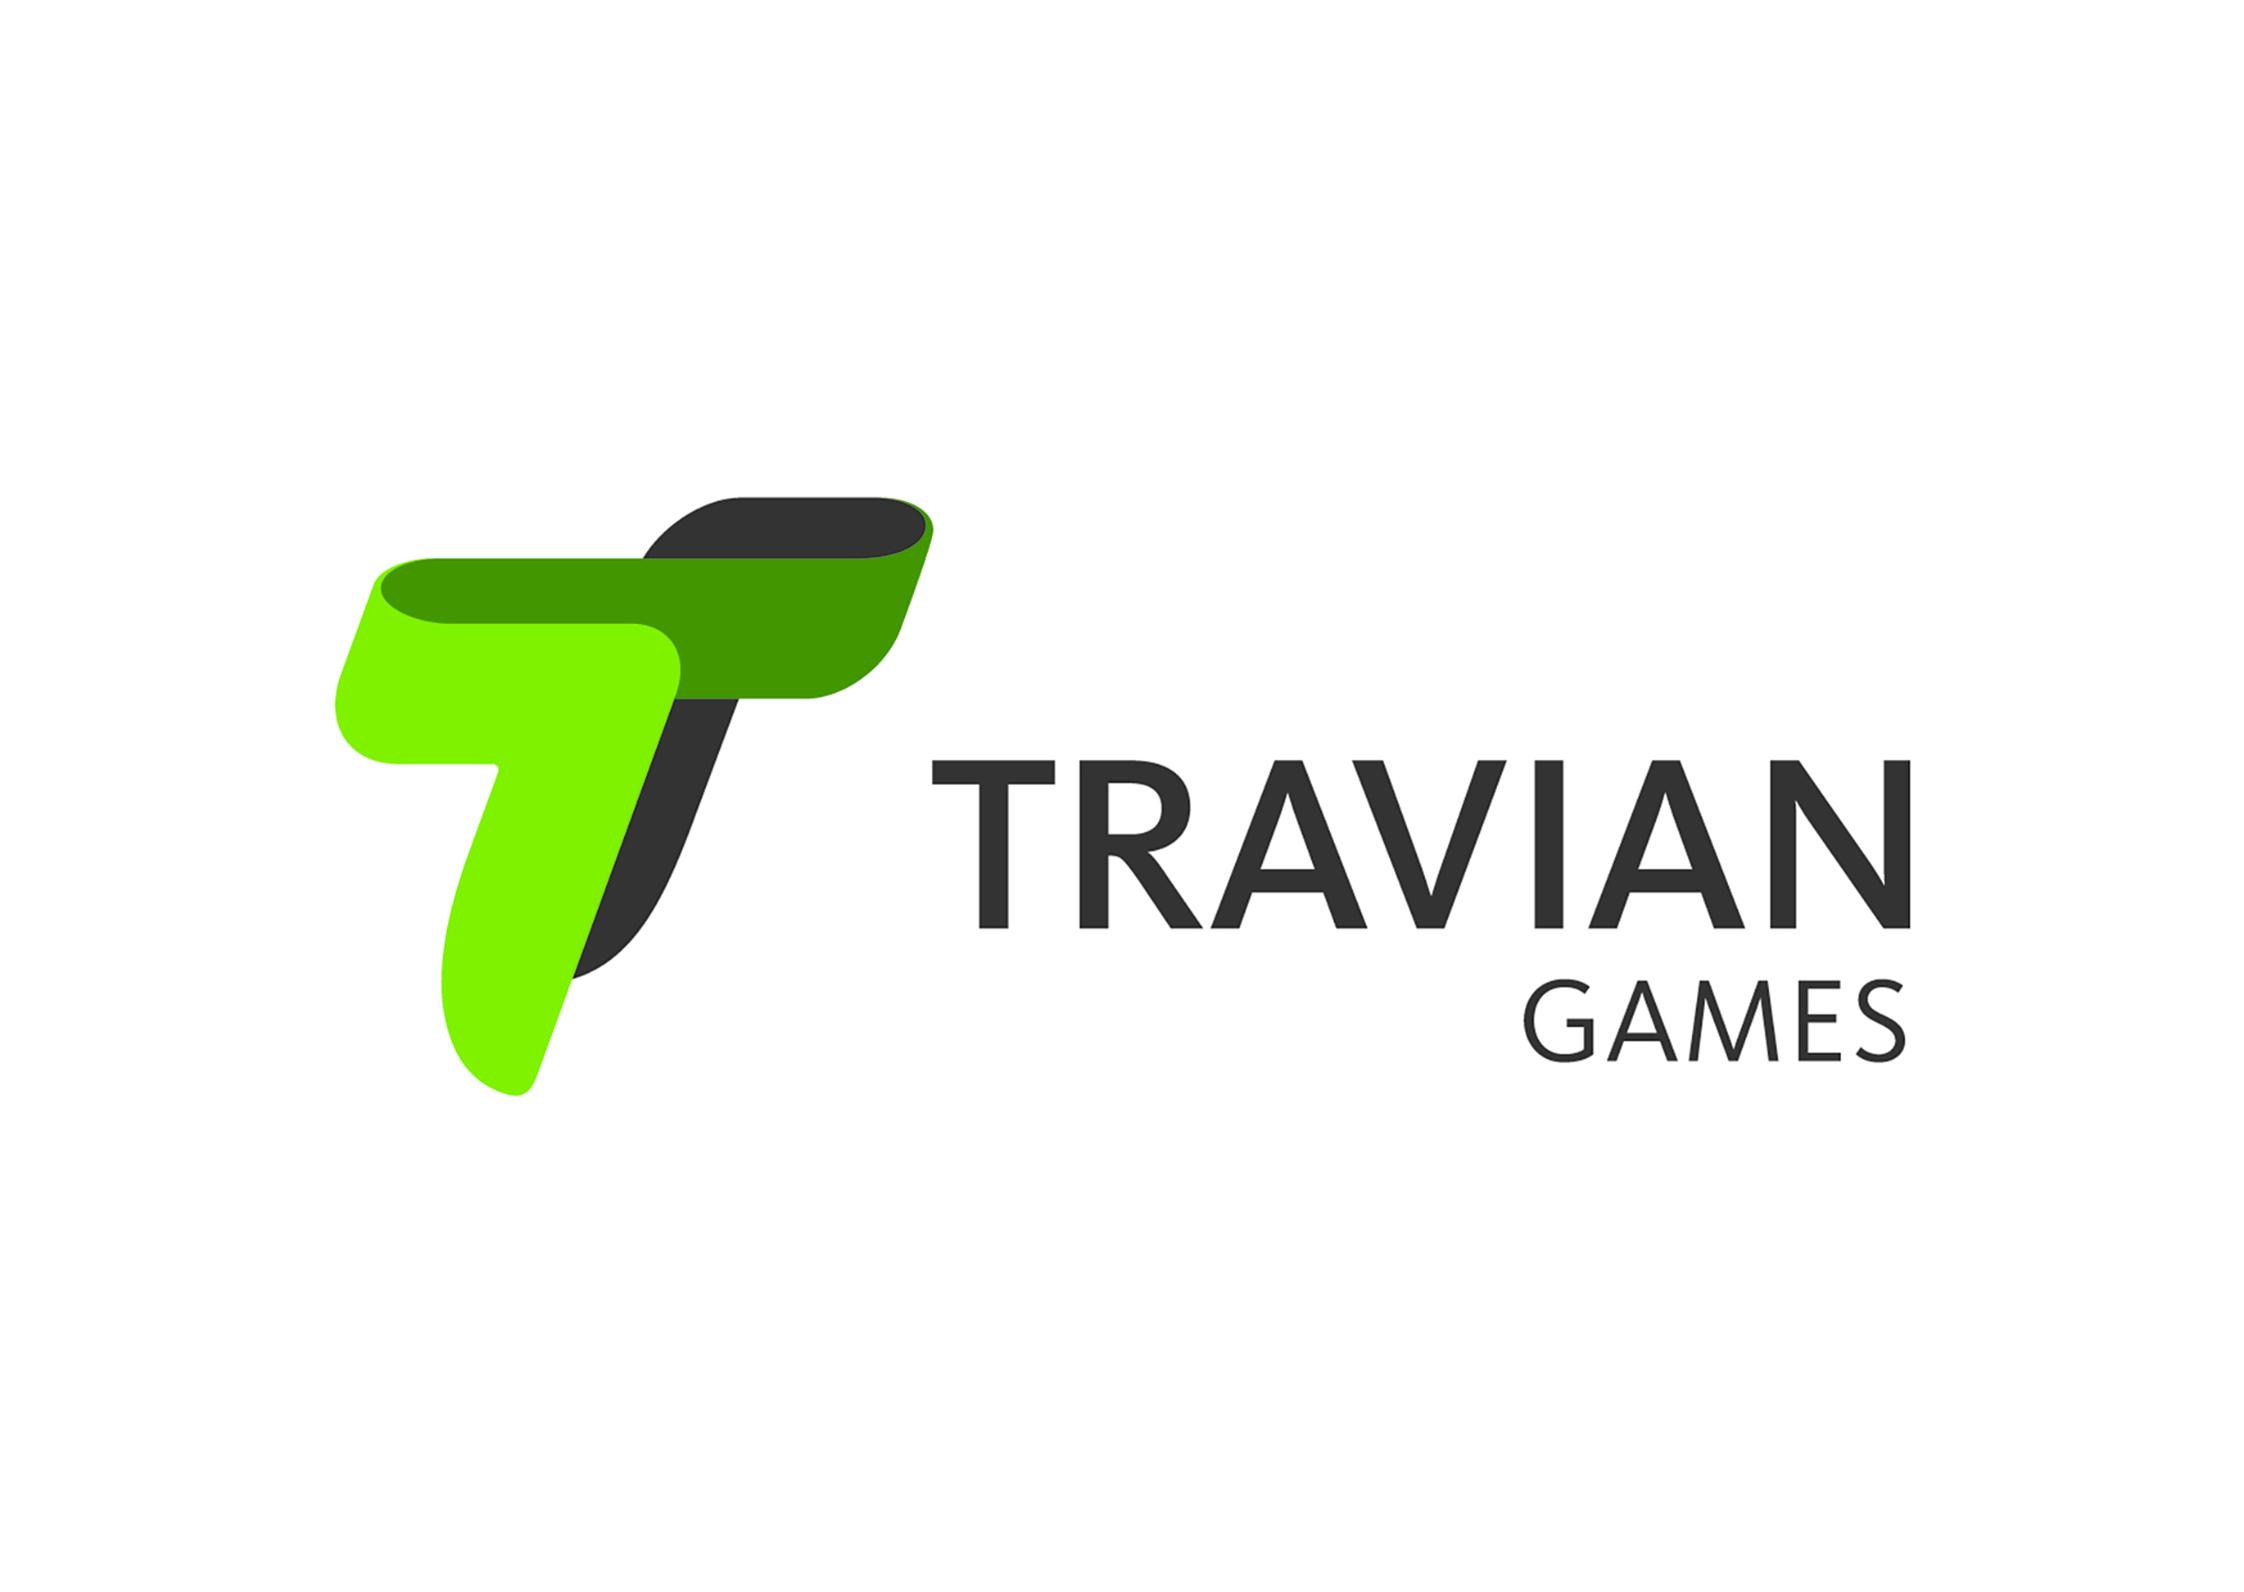 travian-games_basic_logo.jpg